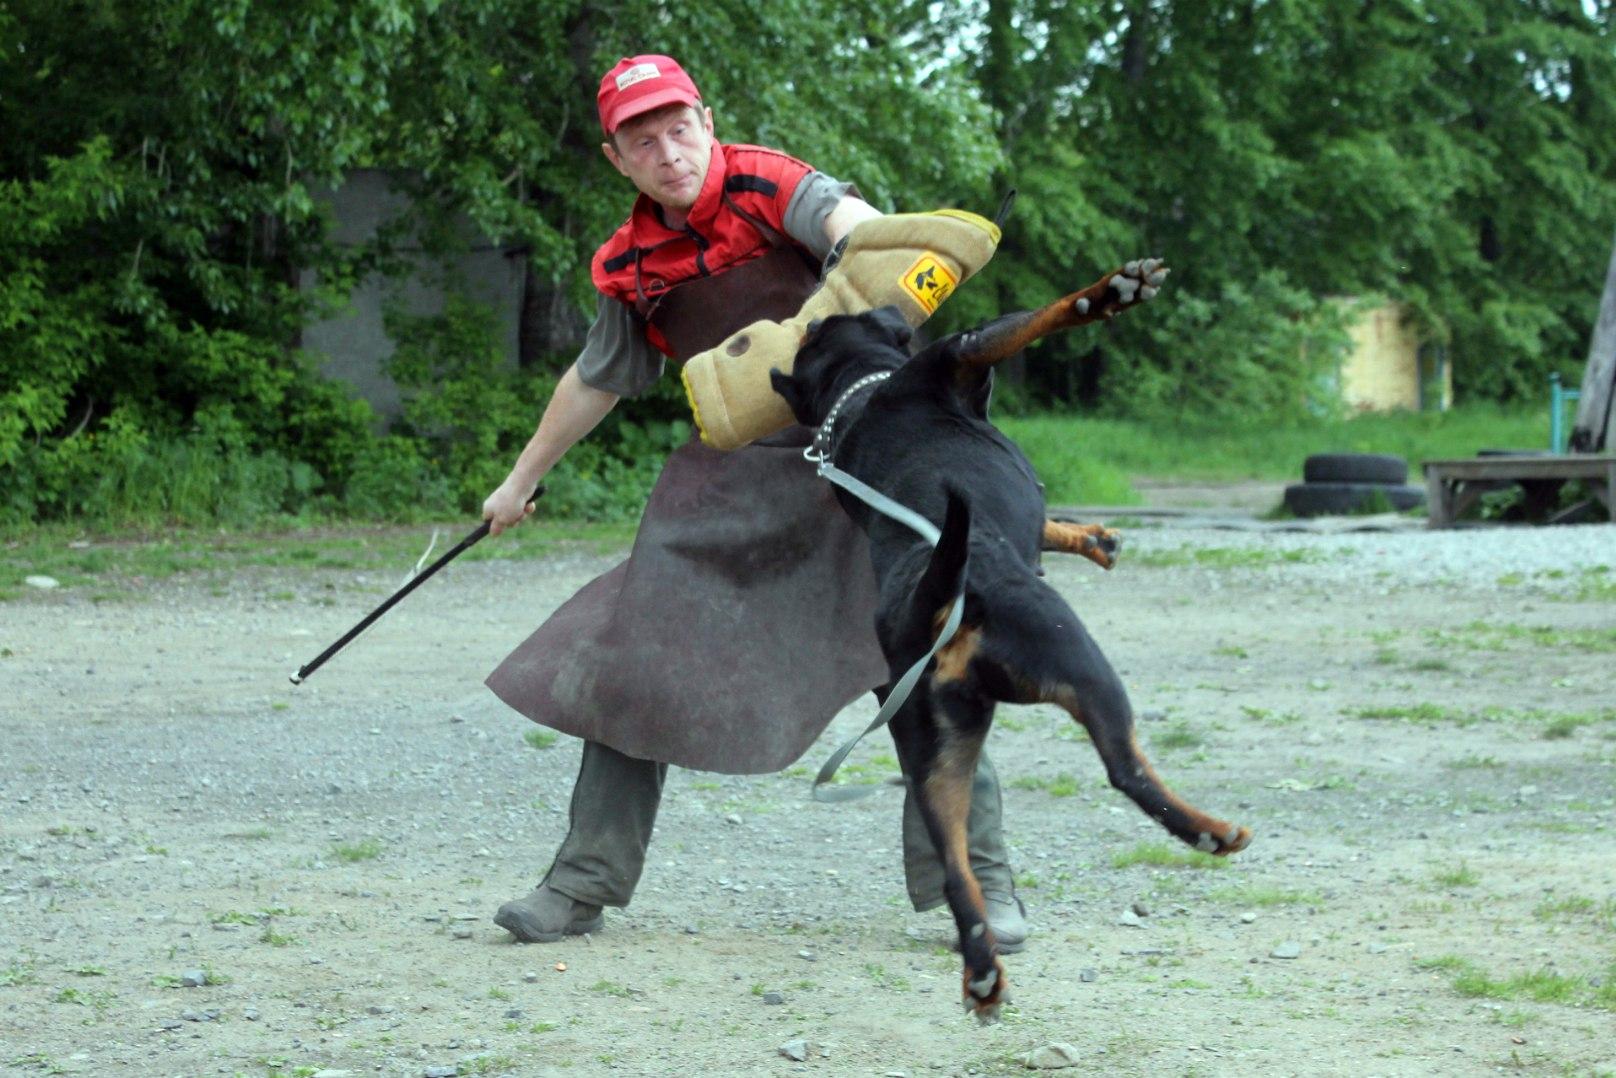 защитная_работа_с_собакой